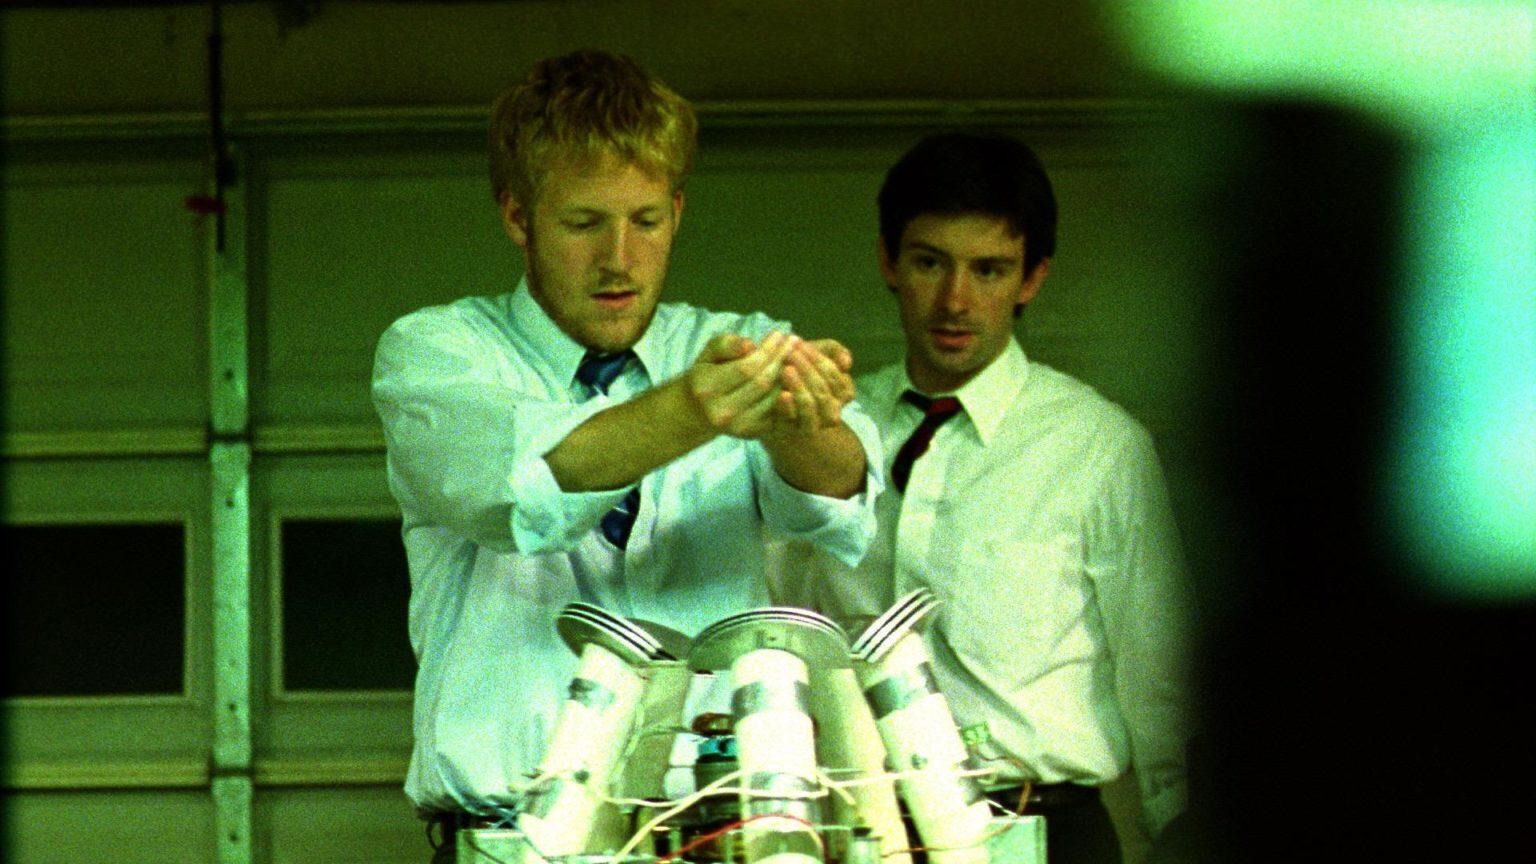 ۱۲ فیلم علمی تخیلی جذاب که بعد از تماشای آنها مغزتان سوت خواهد کشید+ تصاویر